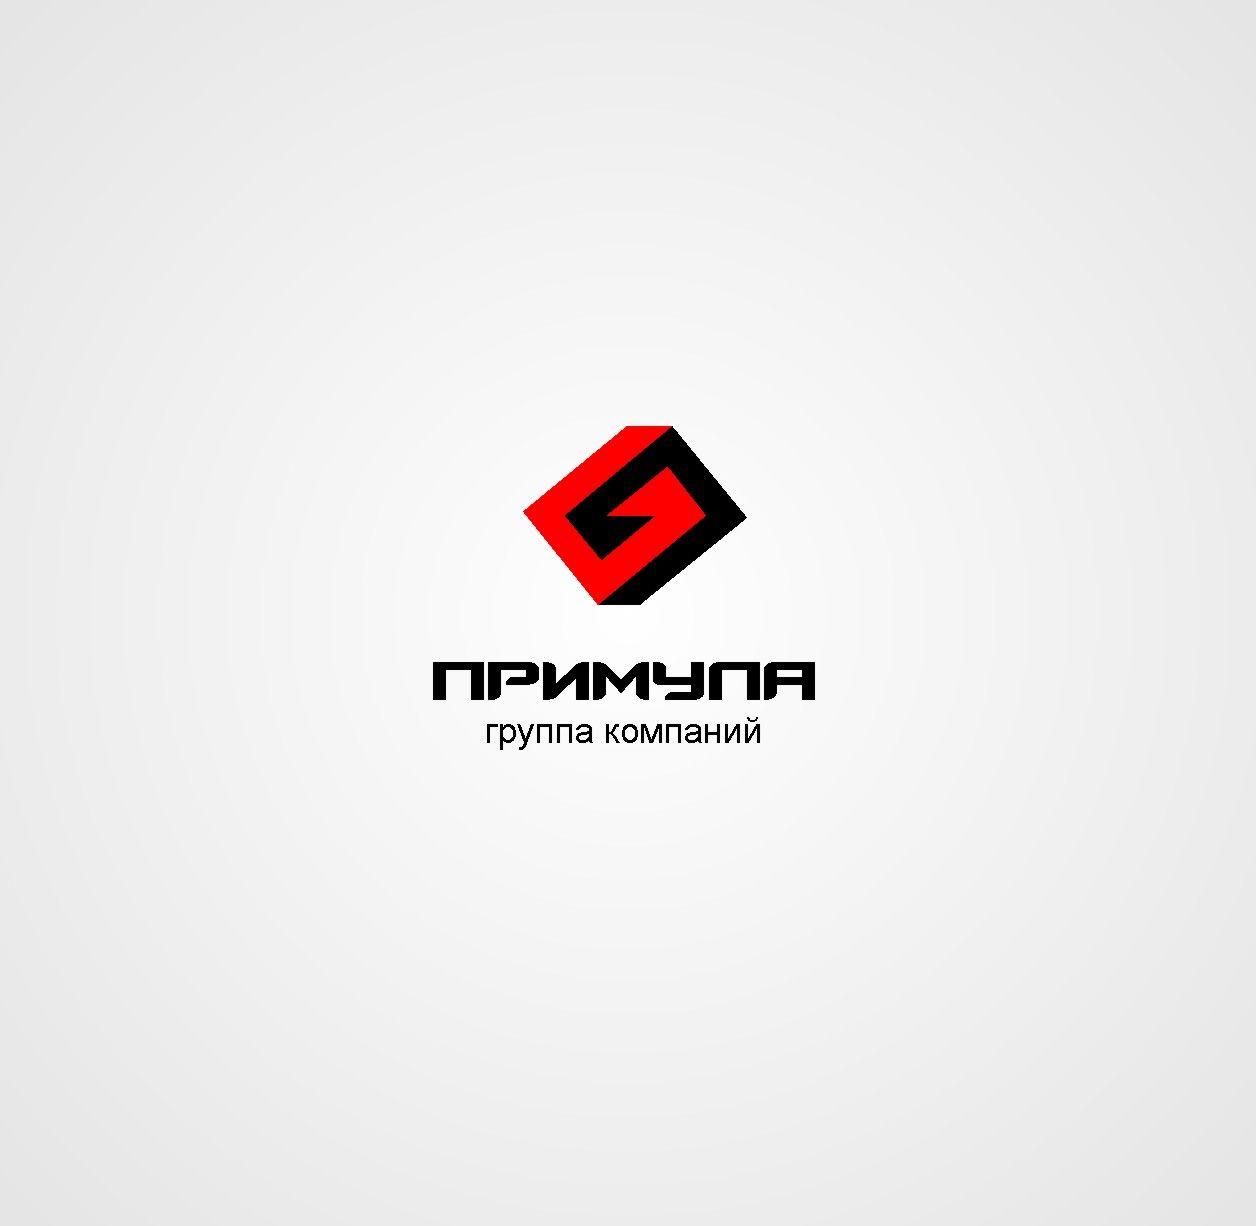 Логотип для группы компаний - дизайнер radchuk-ruslan